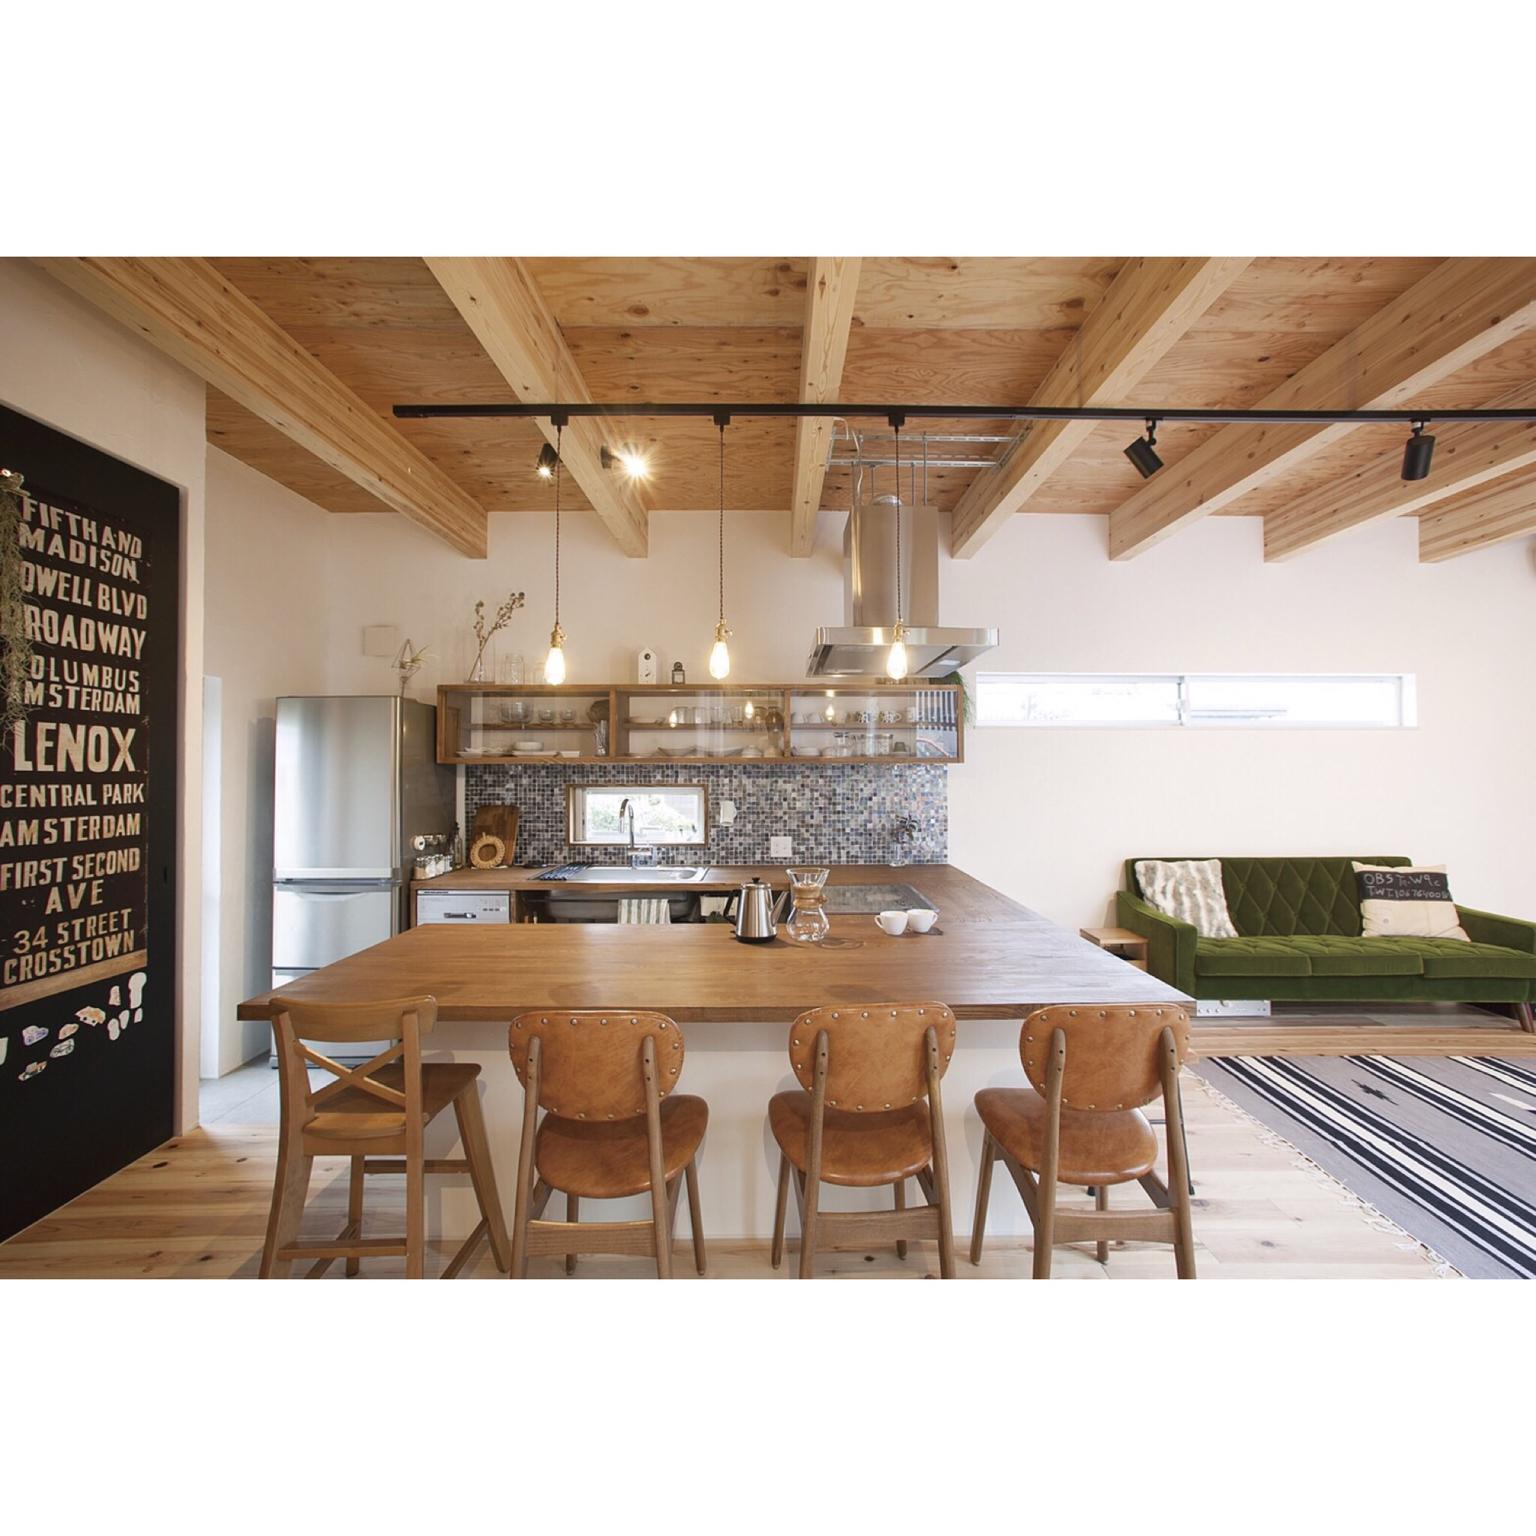 3LDK、家族住まいのナチュラル/コの字キッチン/モザイクタイル/漆喰/黒板塗料/ソラマドの家…などについてのインテリア実例を紹介。